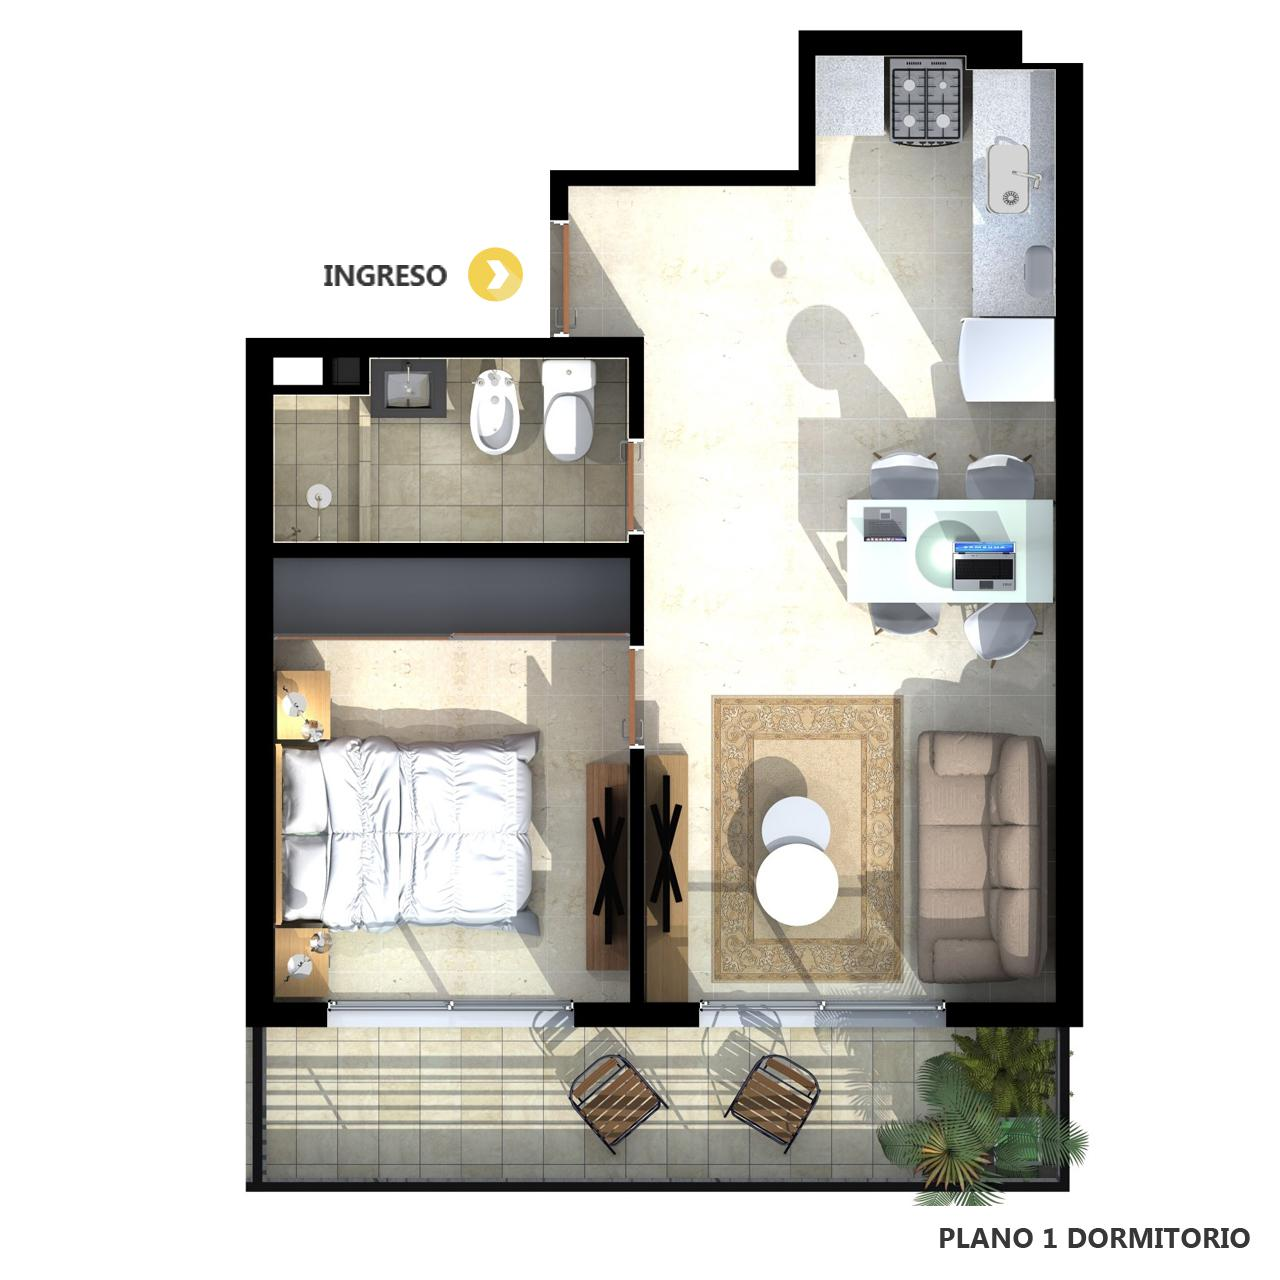 Venta departamento 1 dormitorio Rosario, Parque España. Cod CBU23332 AP2200190. Crestale Propiedades